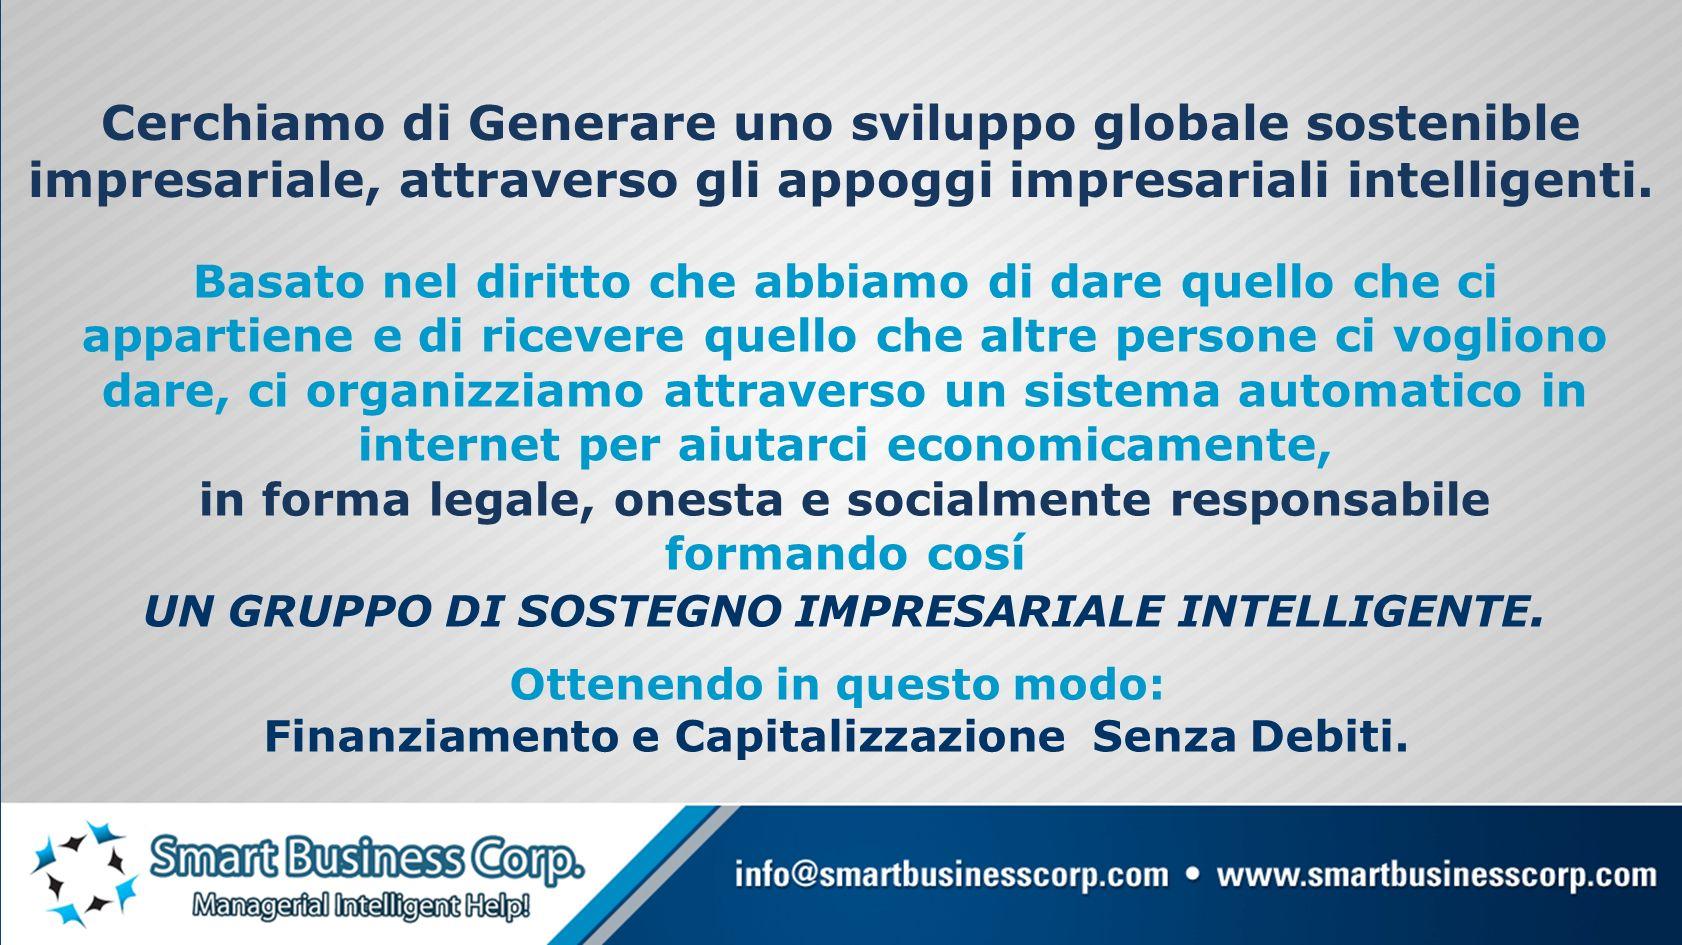 Cerchiamo di Generare uno sviluppo globale sostenible impresariale, attraverso gli appoggi impresariali intelligenti.